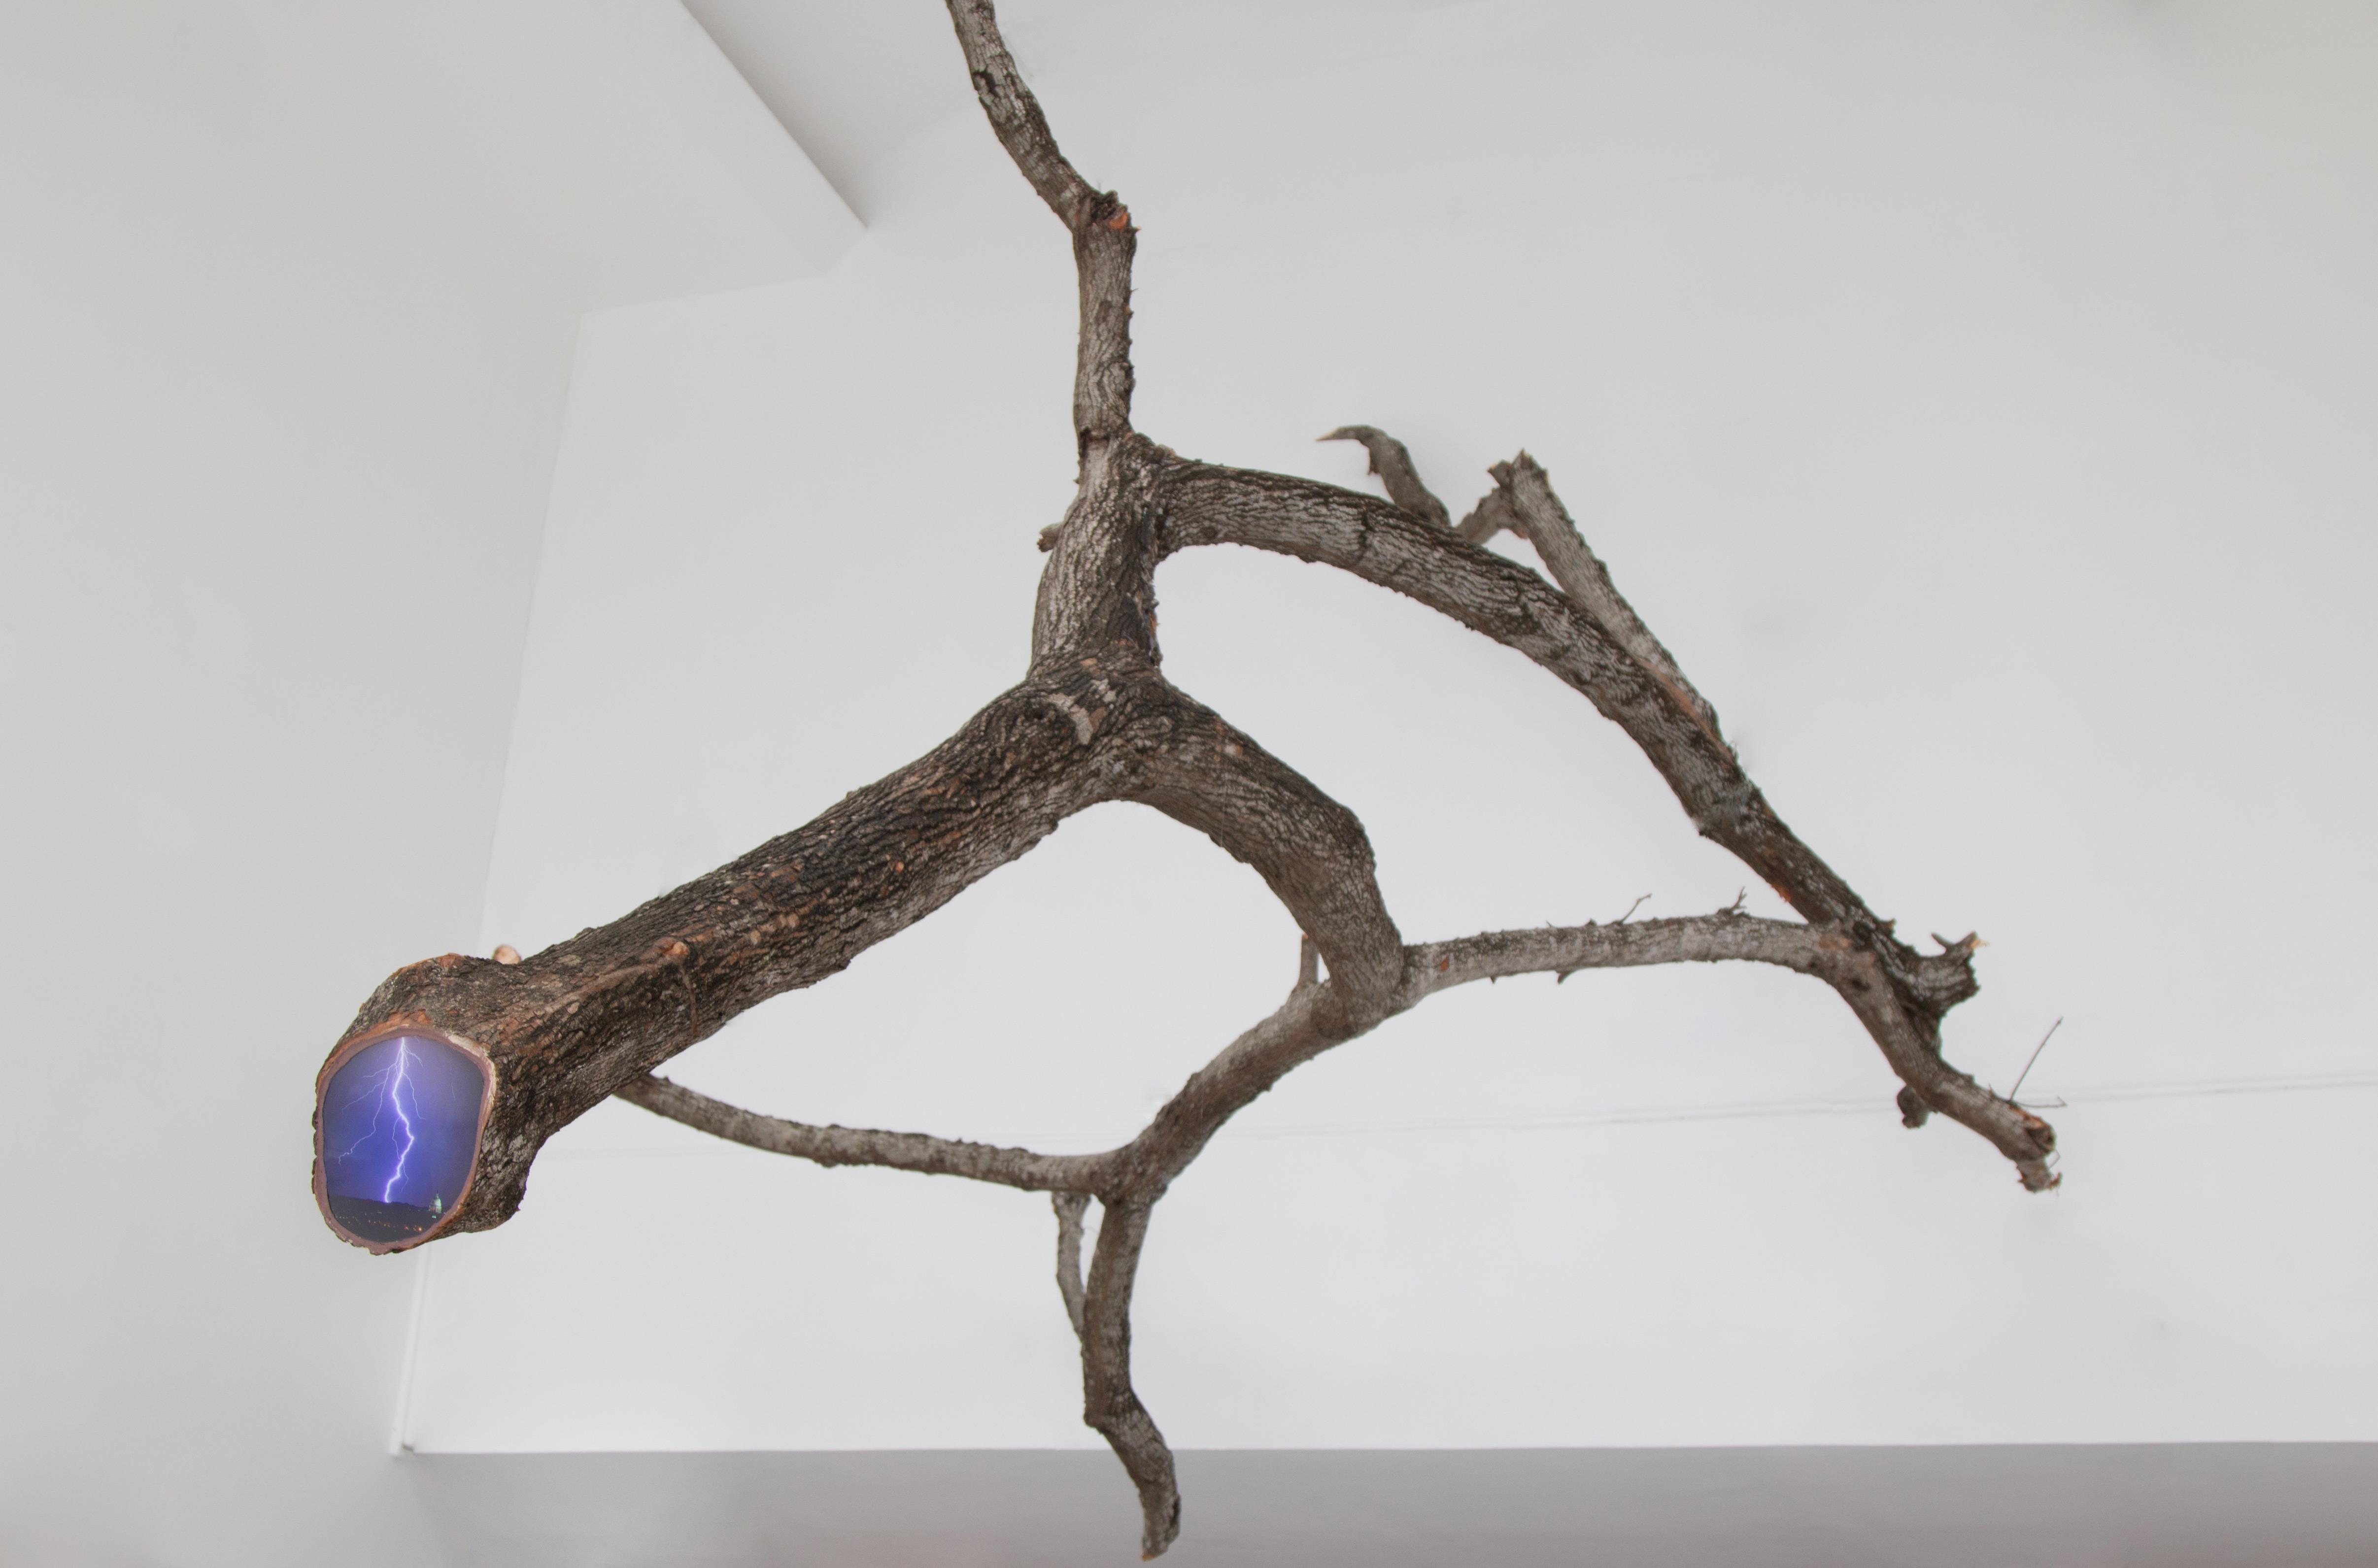 Eco #23, Rayo sobre Washington DC - Rama de árbol caído en Ciudad de Panamá, 2019